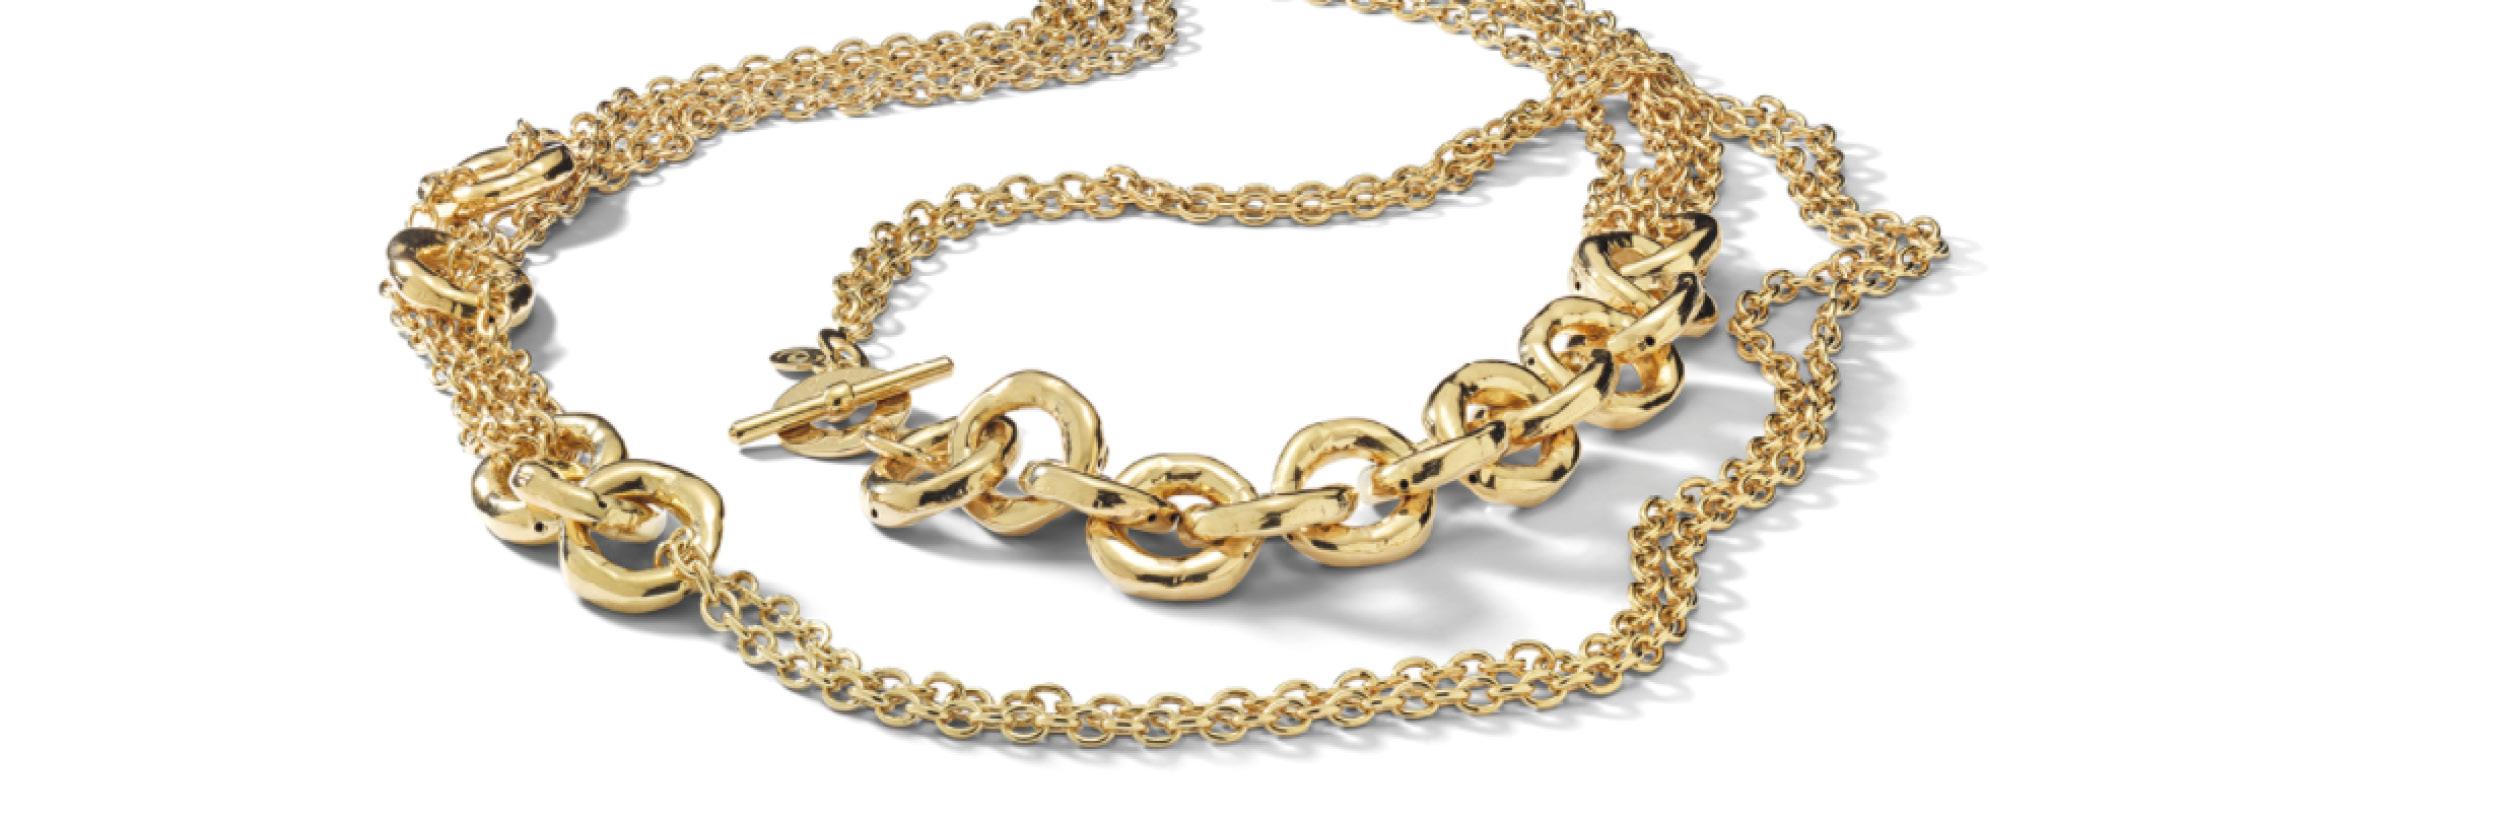 Collezione Hammer Collana Argento 375 | ECLAT Preziosi